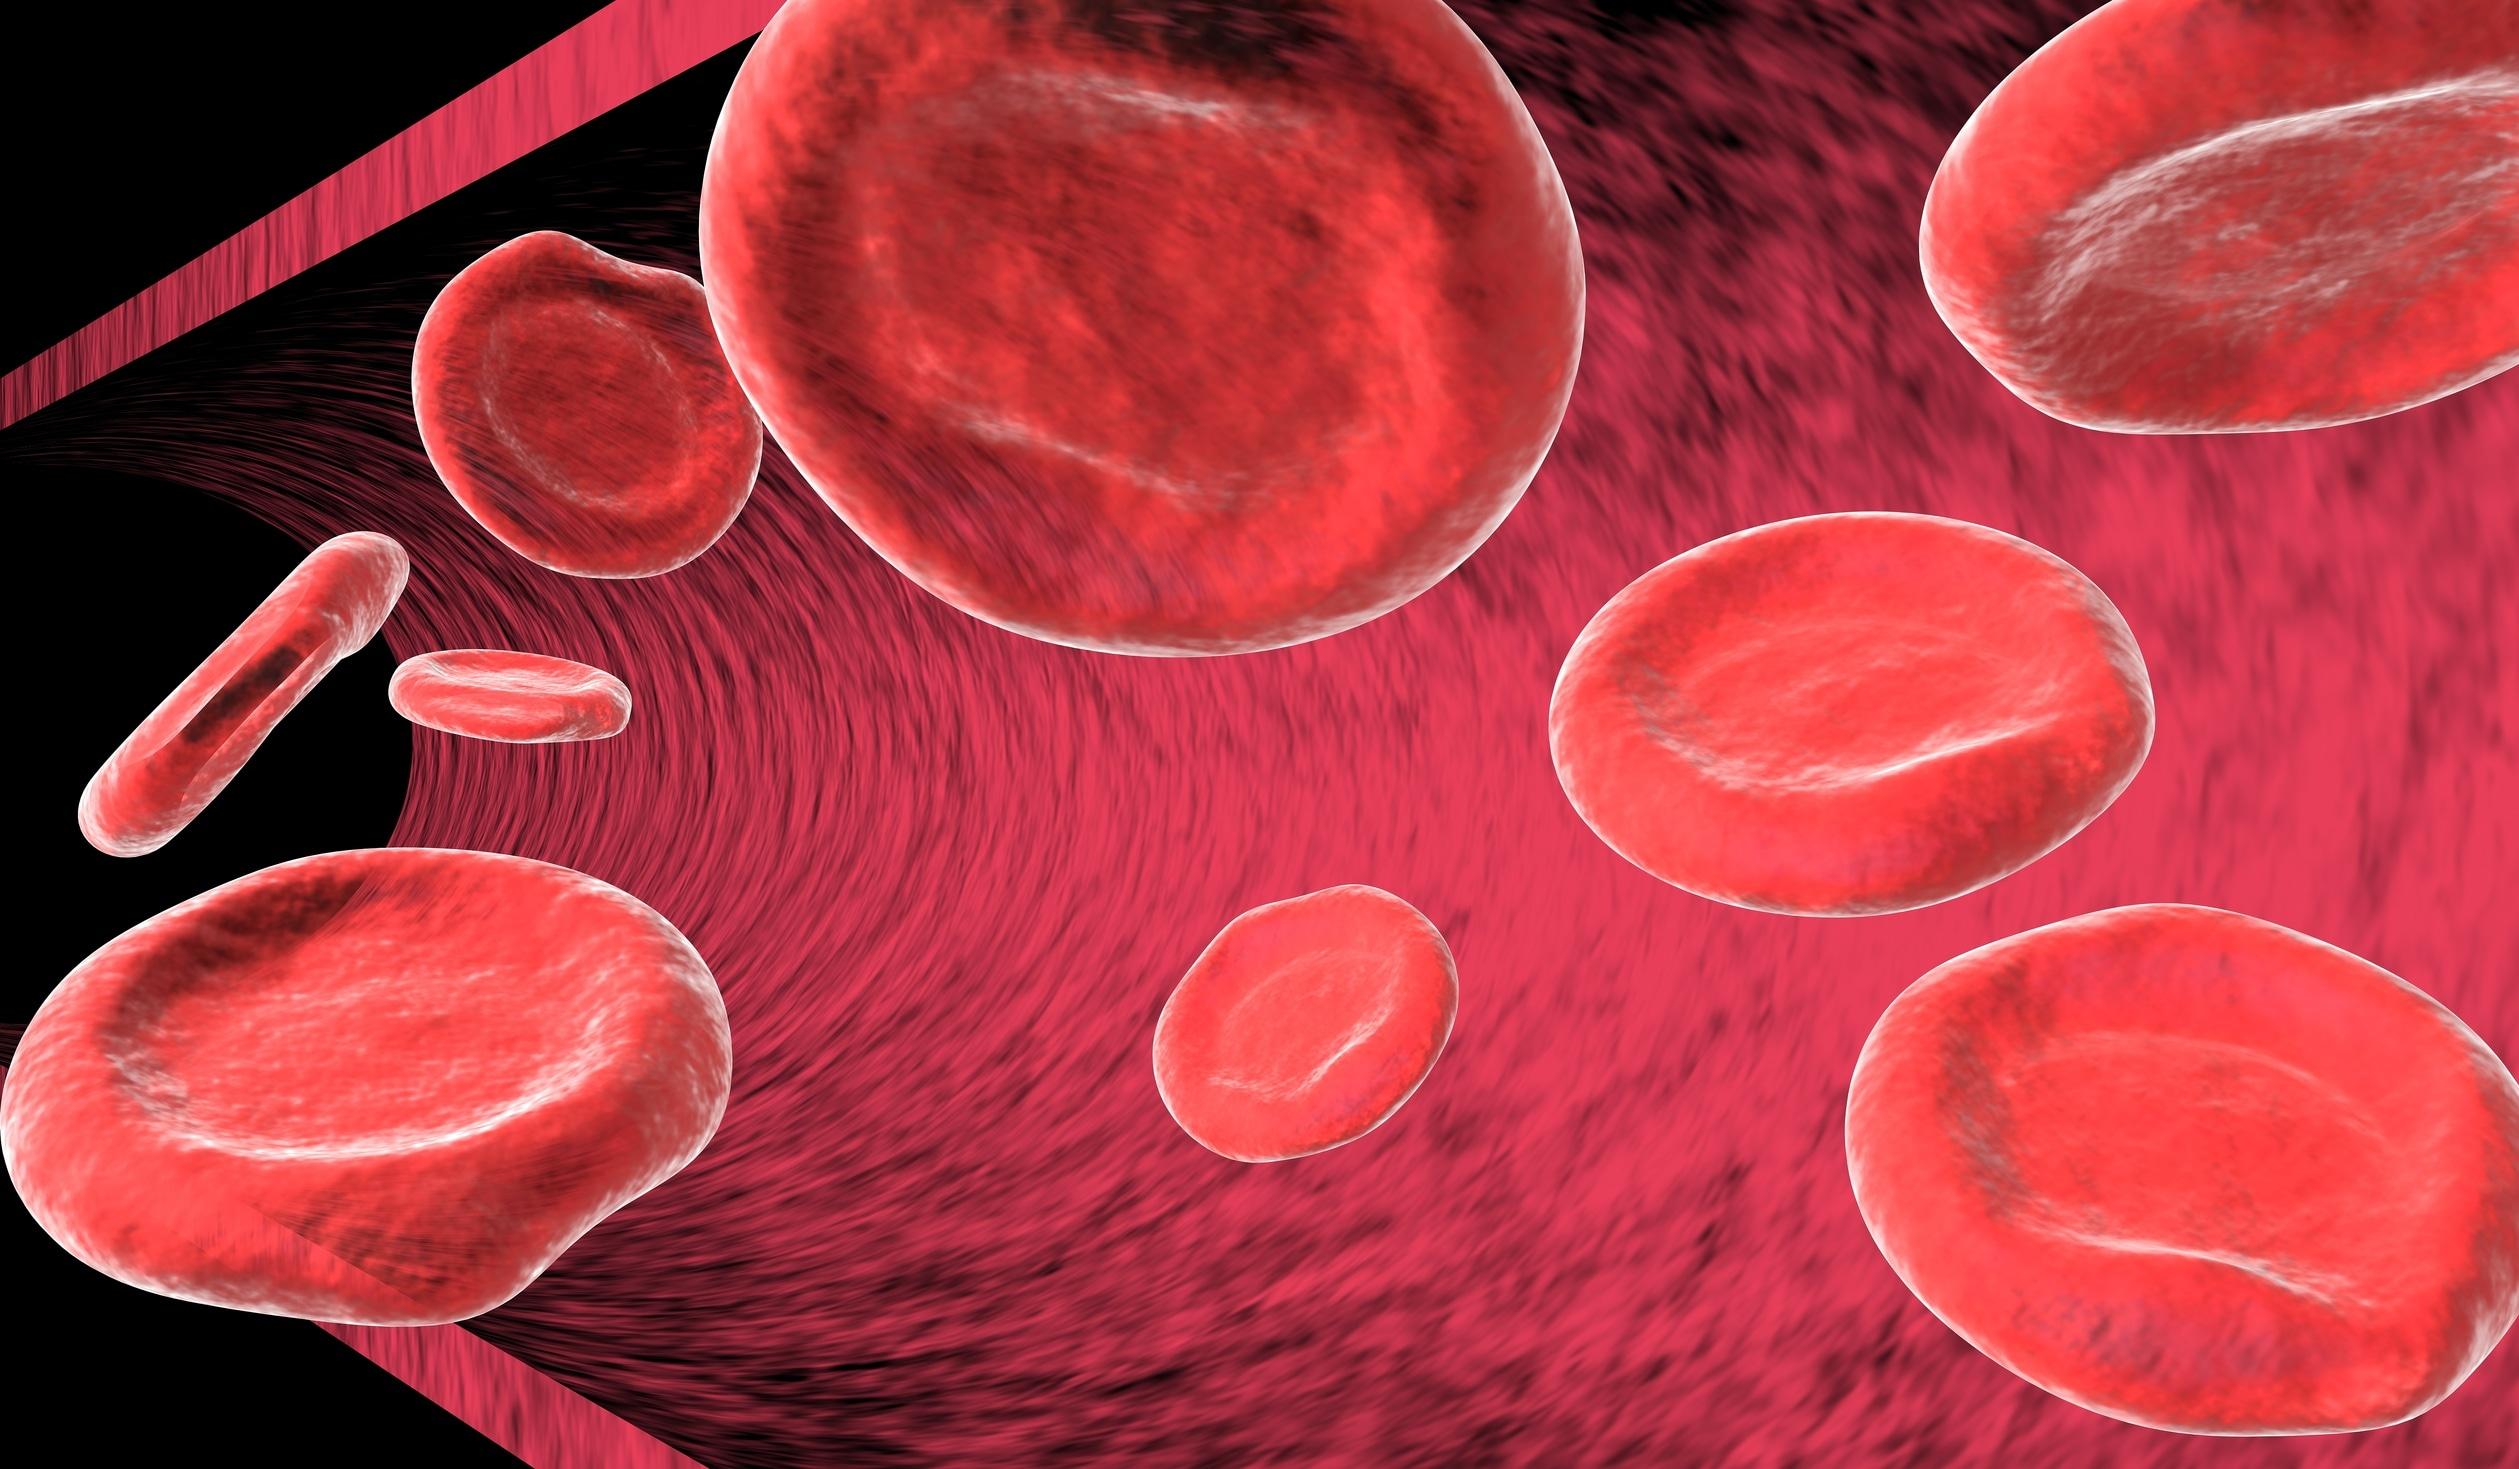 La sangre está compuesta de plaquetas, glóbulos rojos, glóbulos blancos....